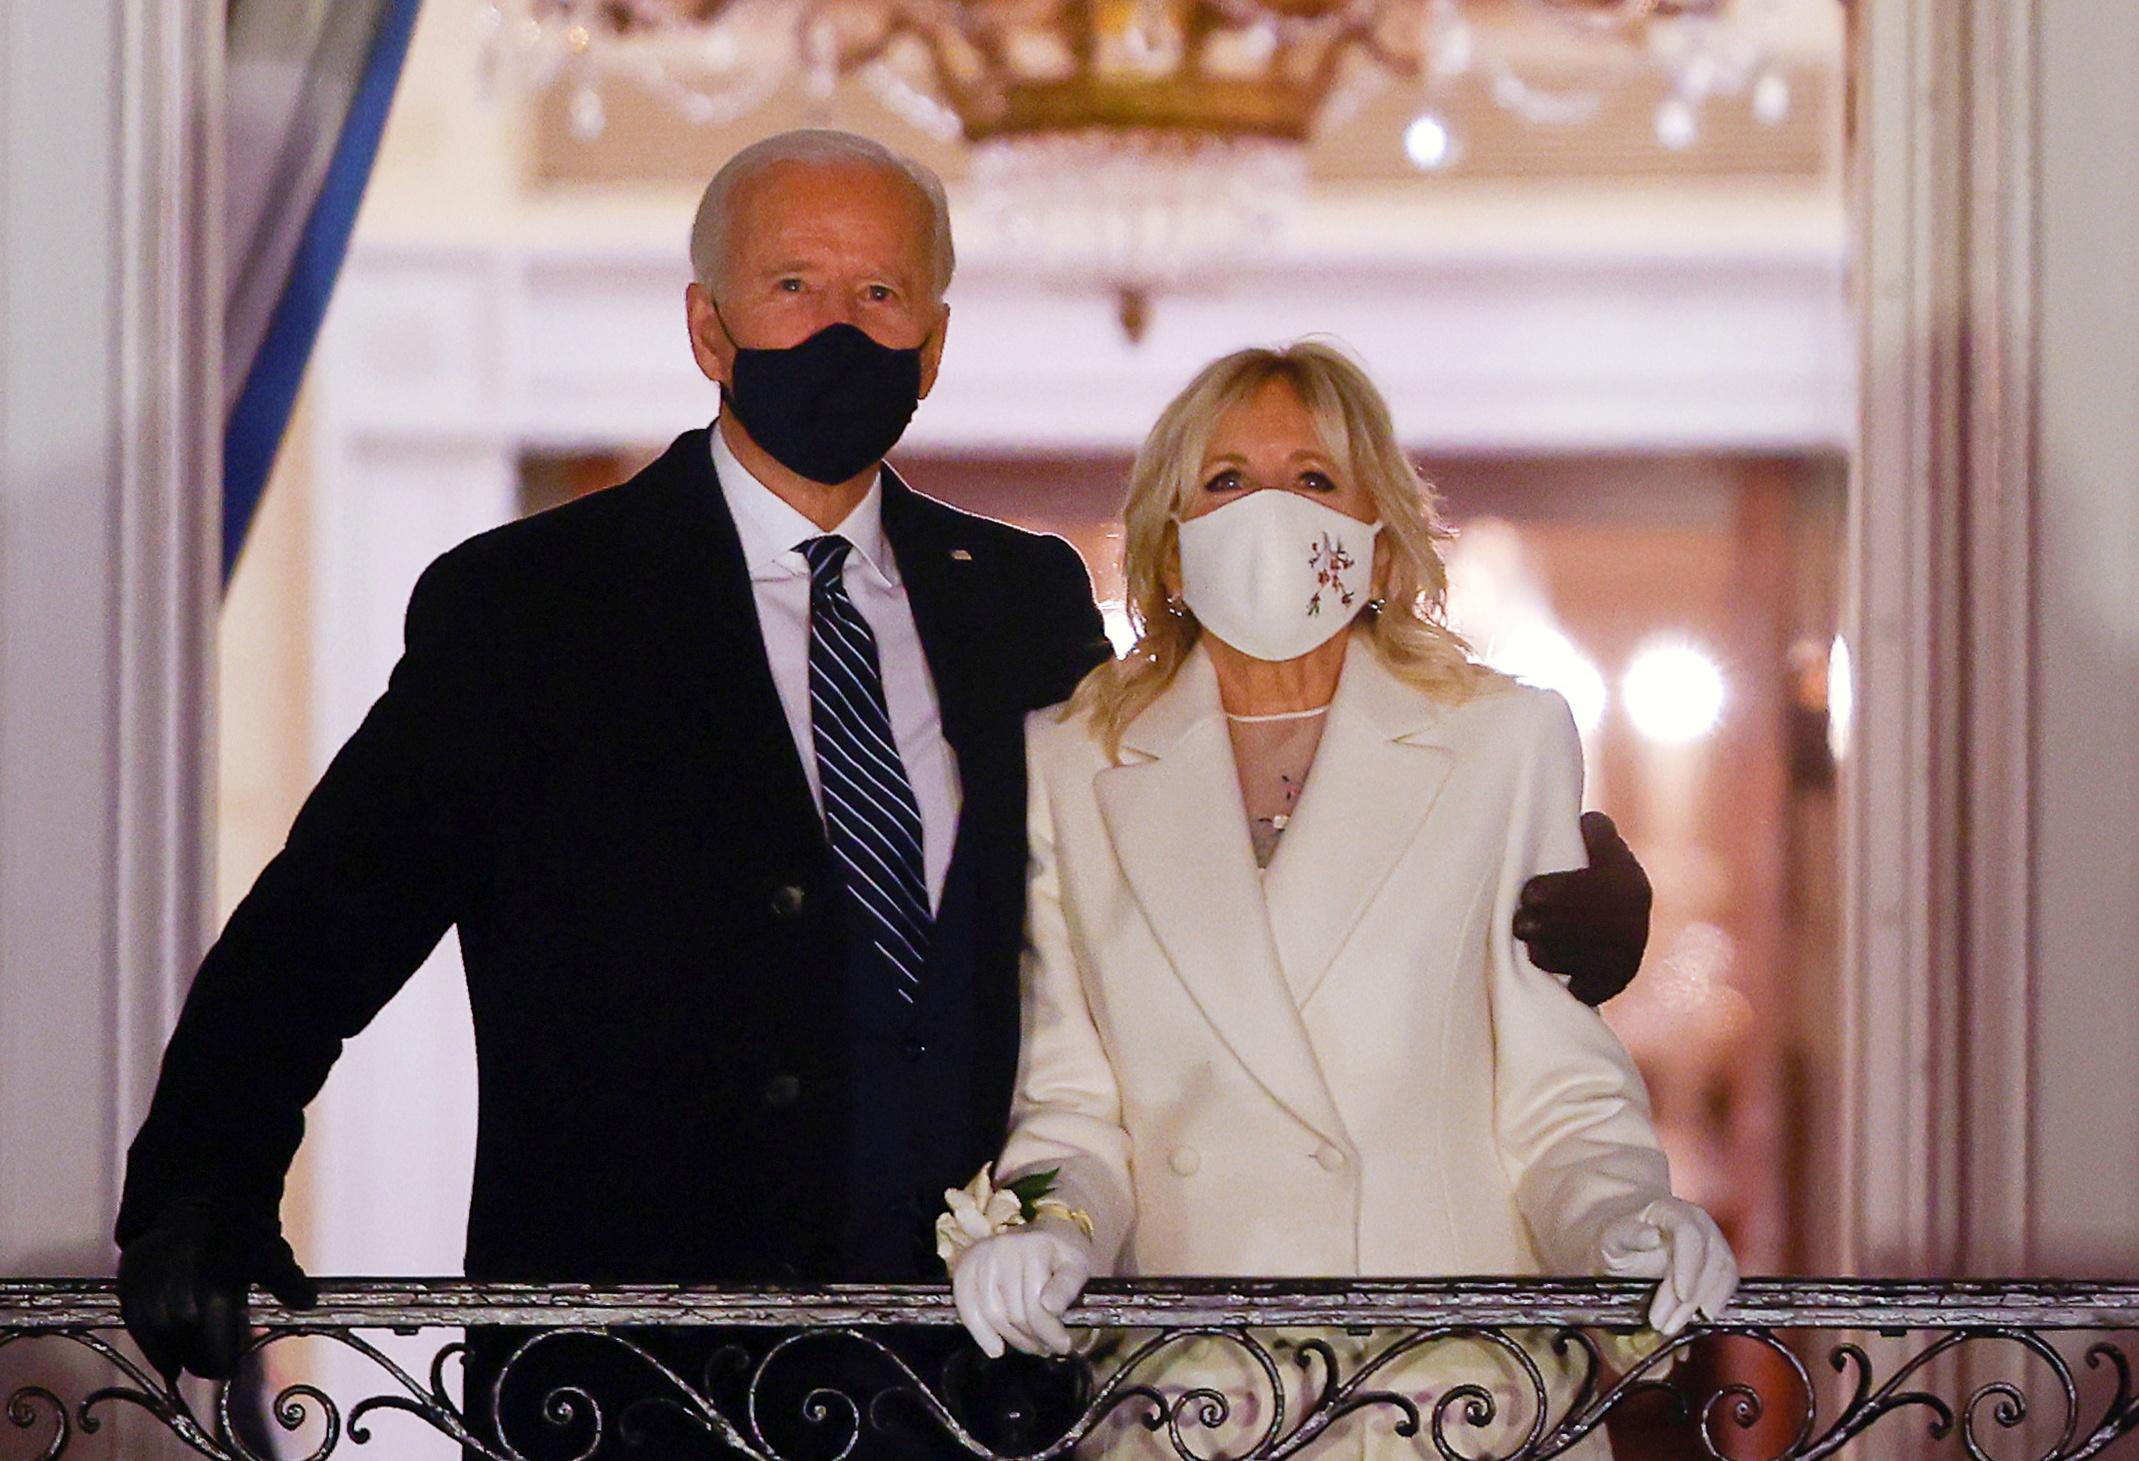 Τζο Μπάιντεν: Αυτή είναι η επιστημονική ομάδα του νέου προέδρου των ΗΠΑ (pics)